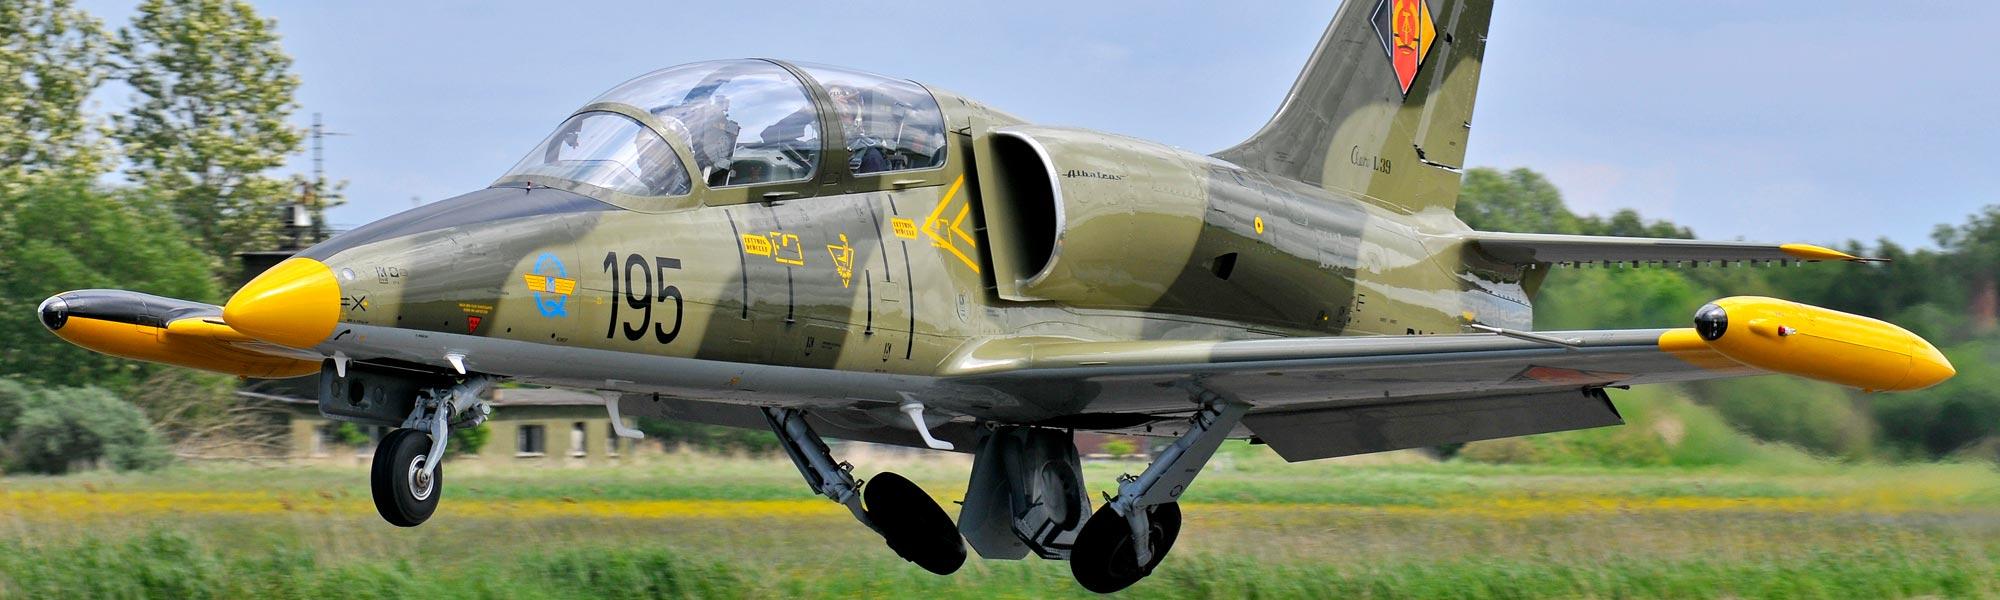 Mitflug In Deutschlands Einzigem Kampfjet Ab Paderborn verwandt mit Düsenjet Fliegen